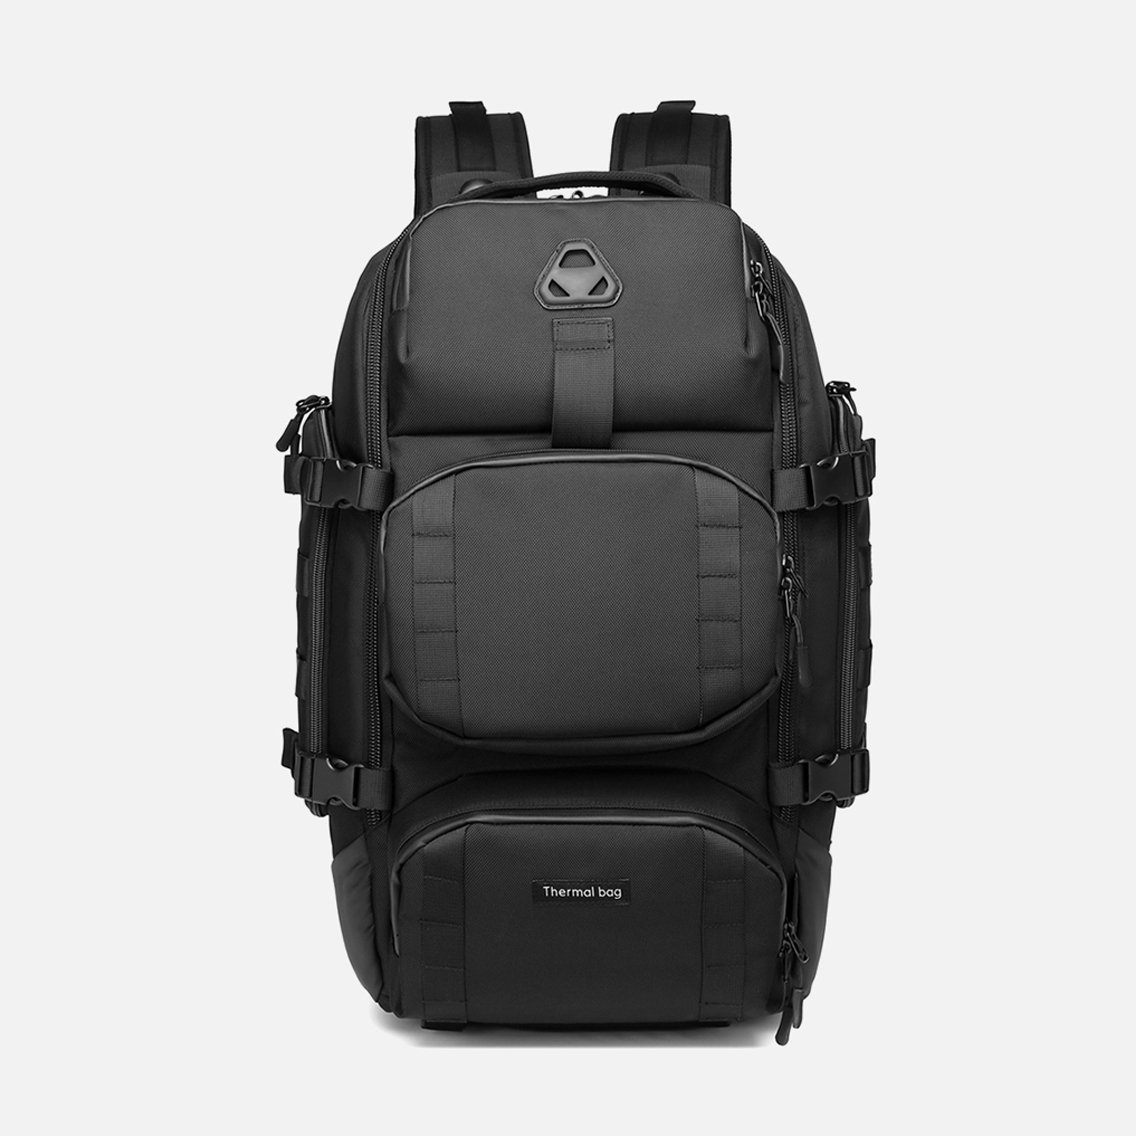 Ozuko 9386 Custom Cooler Large Capacity Outdoor Multifunctional Waterproof Hiking Picnic Travel Backpacks (black)